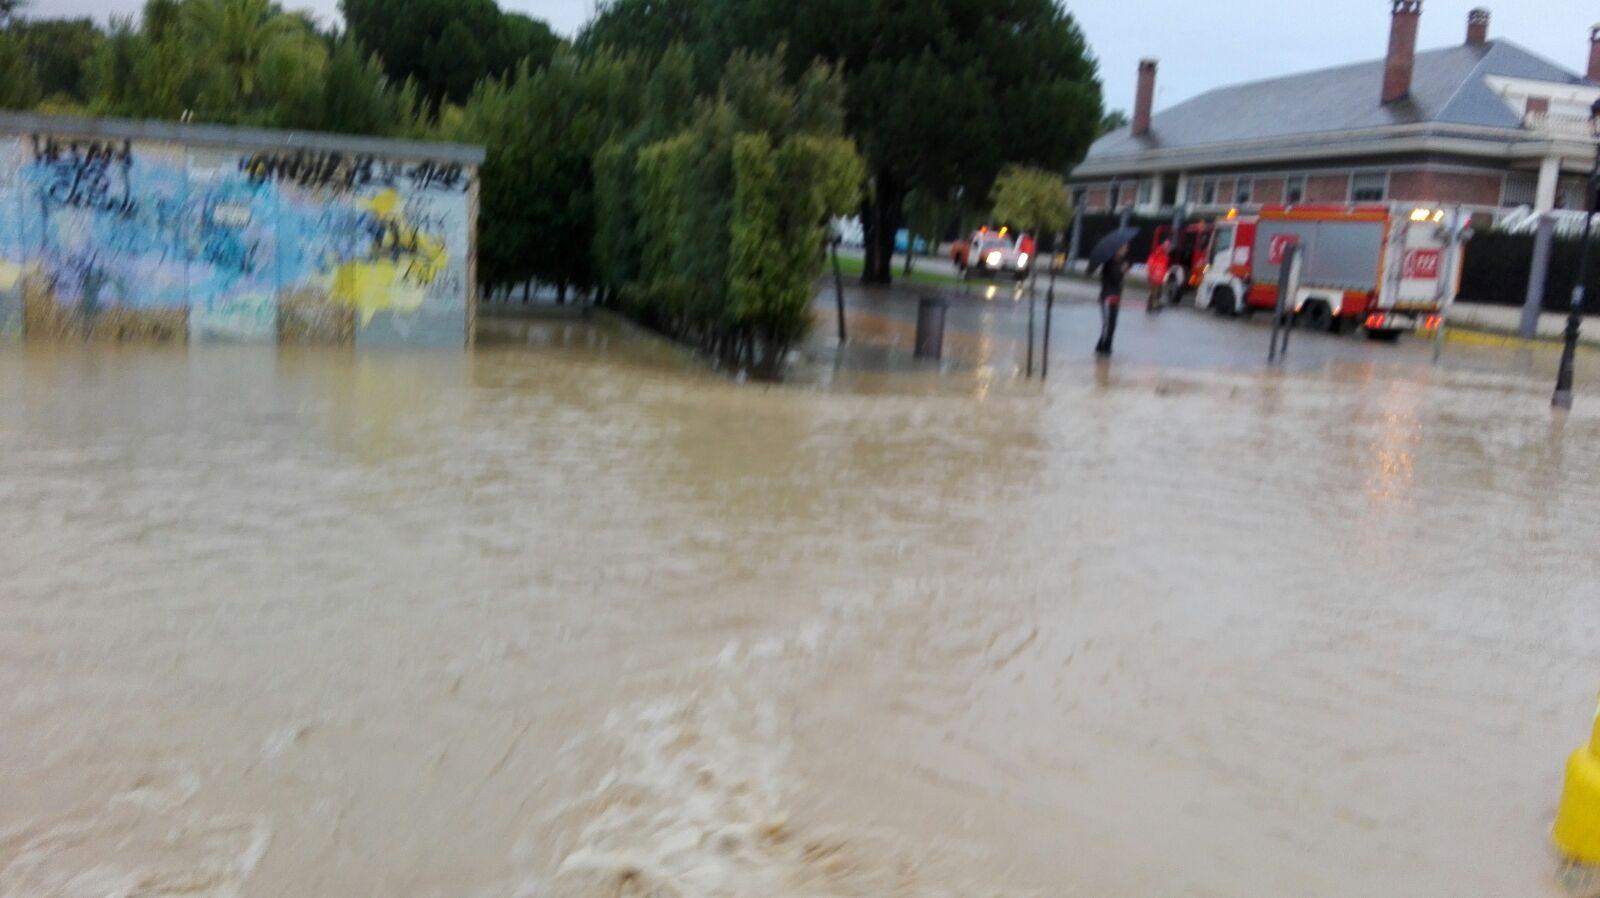 Al no tomarse ninguna medida, el arroyo volvió a desbordarse.